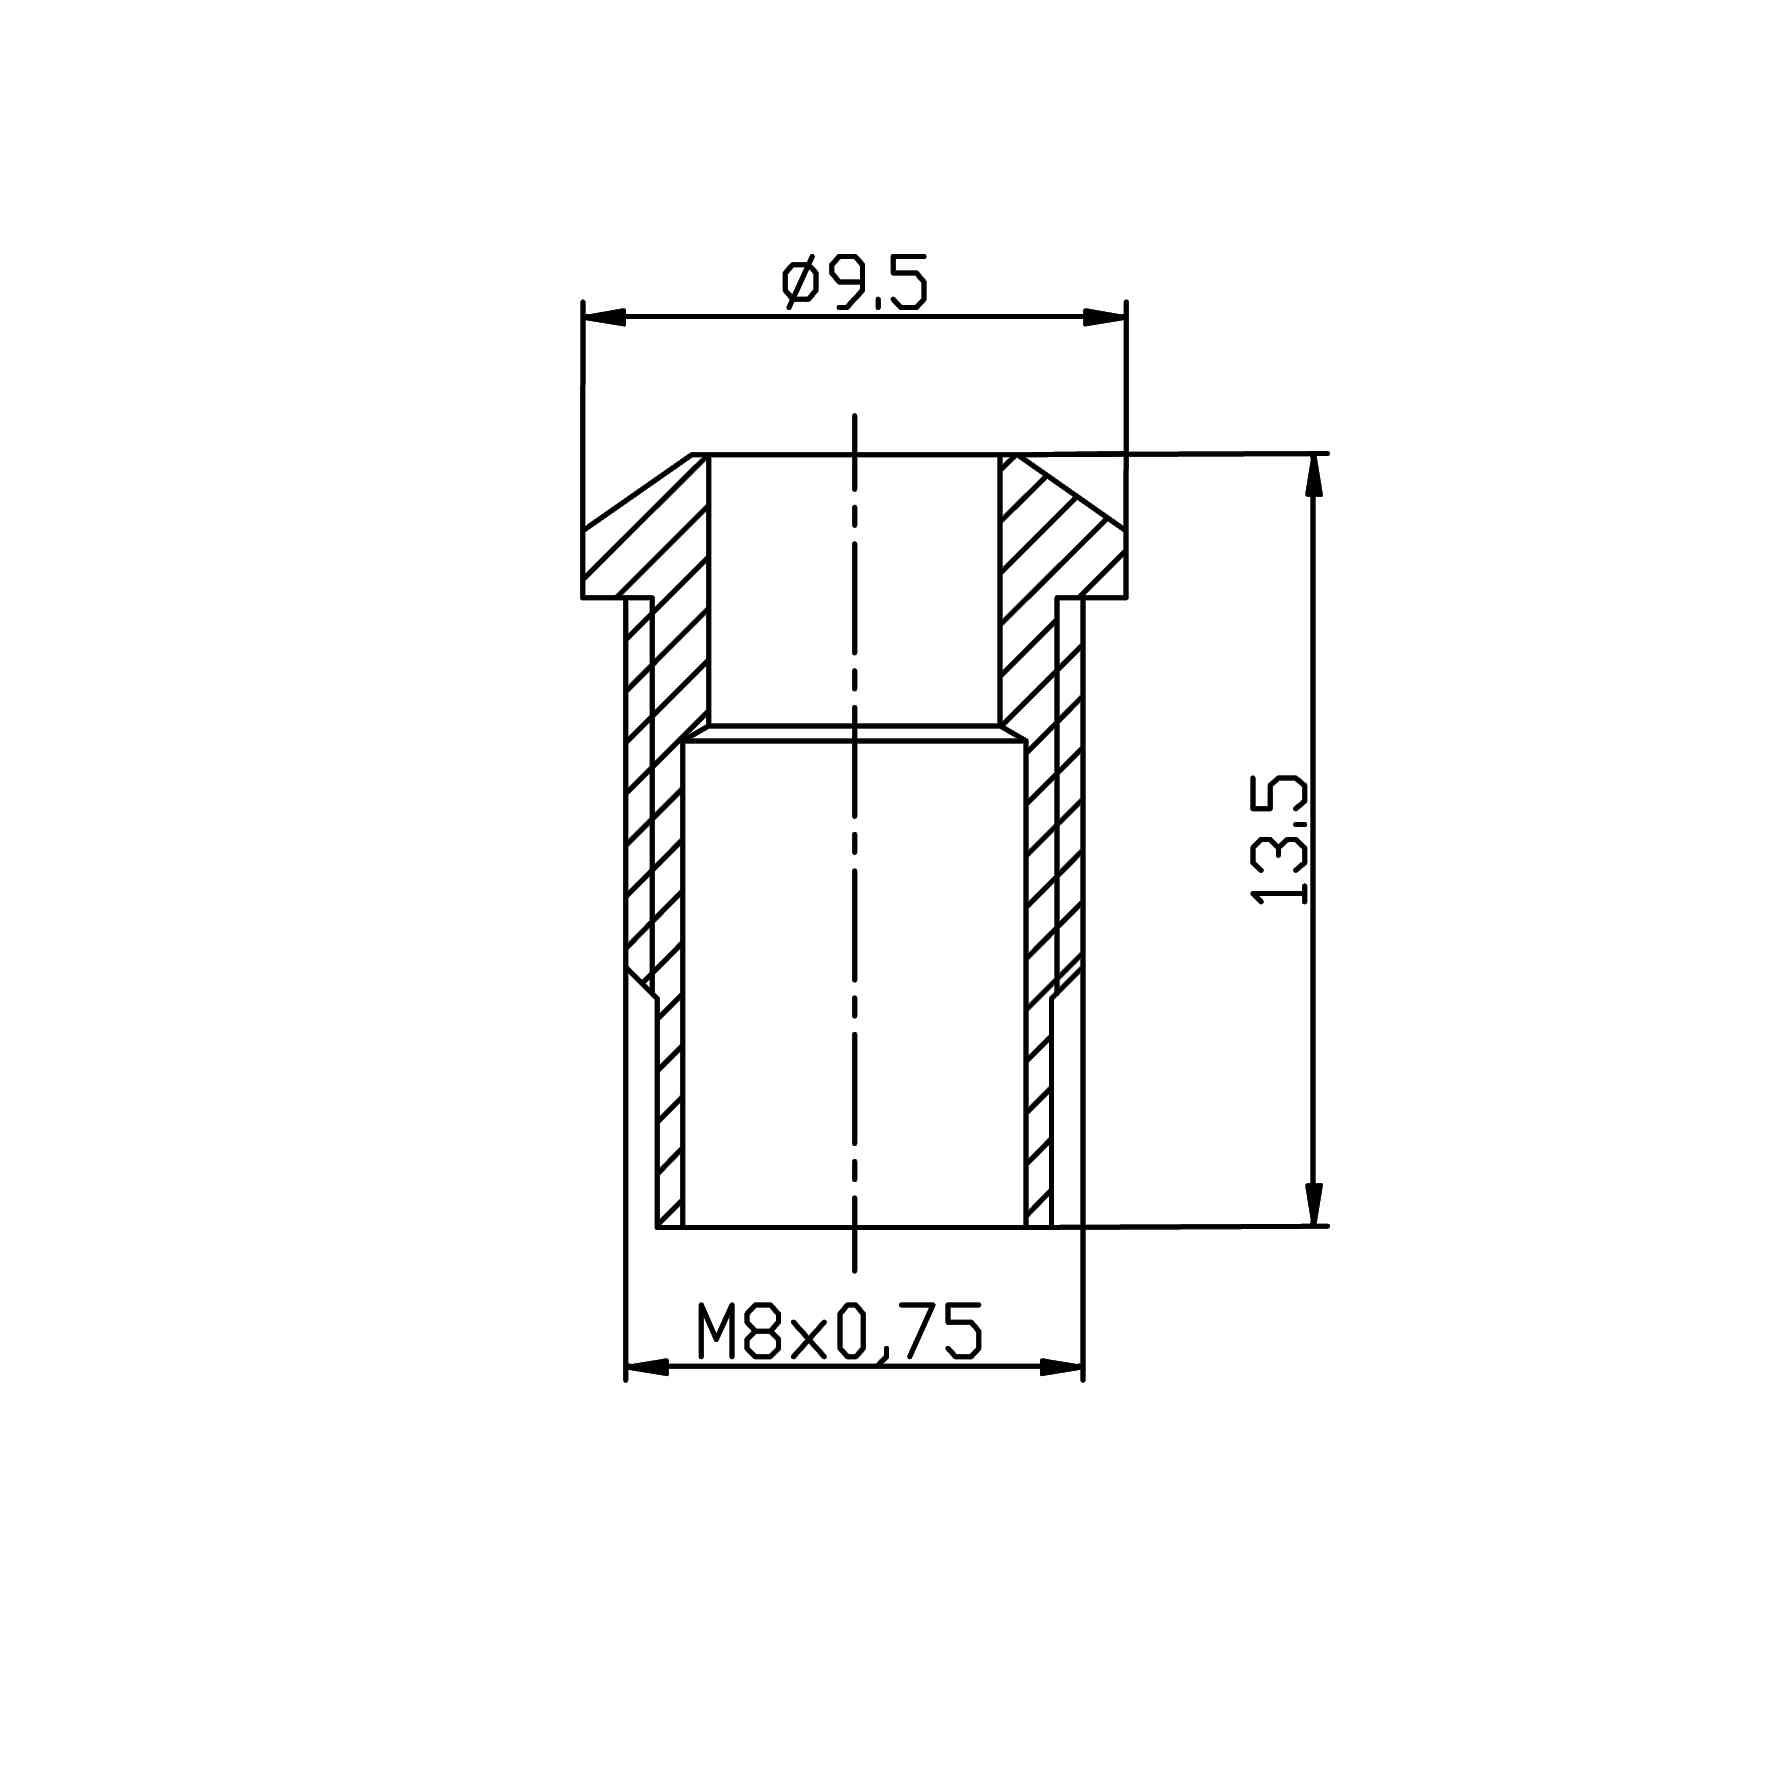 LED-Gehäuse für 5mm LEDs Außenreflektor, Kurzversion - plan